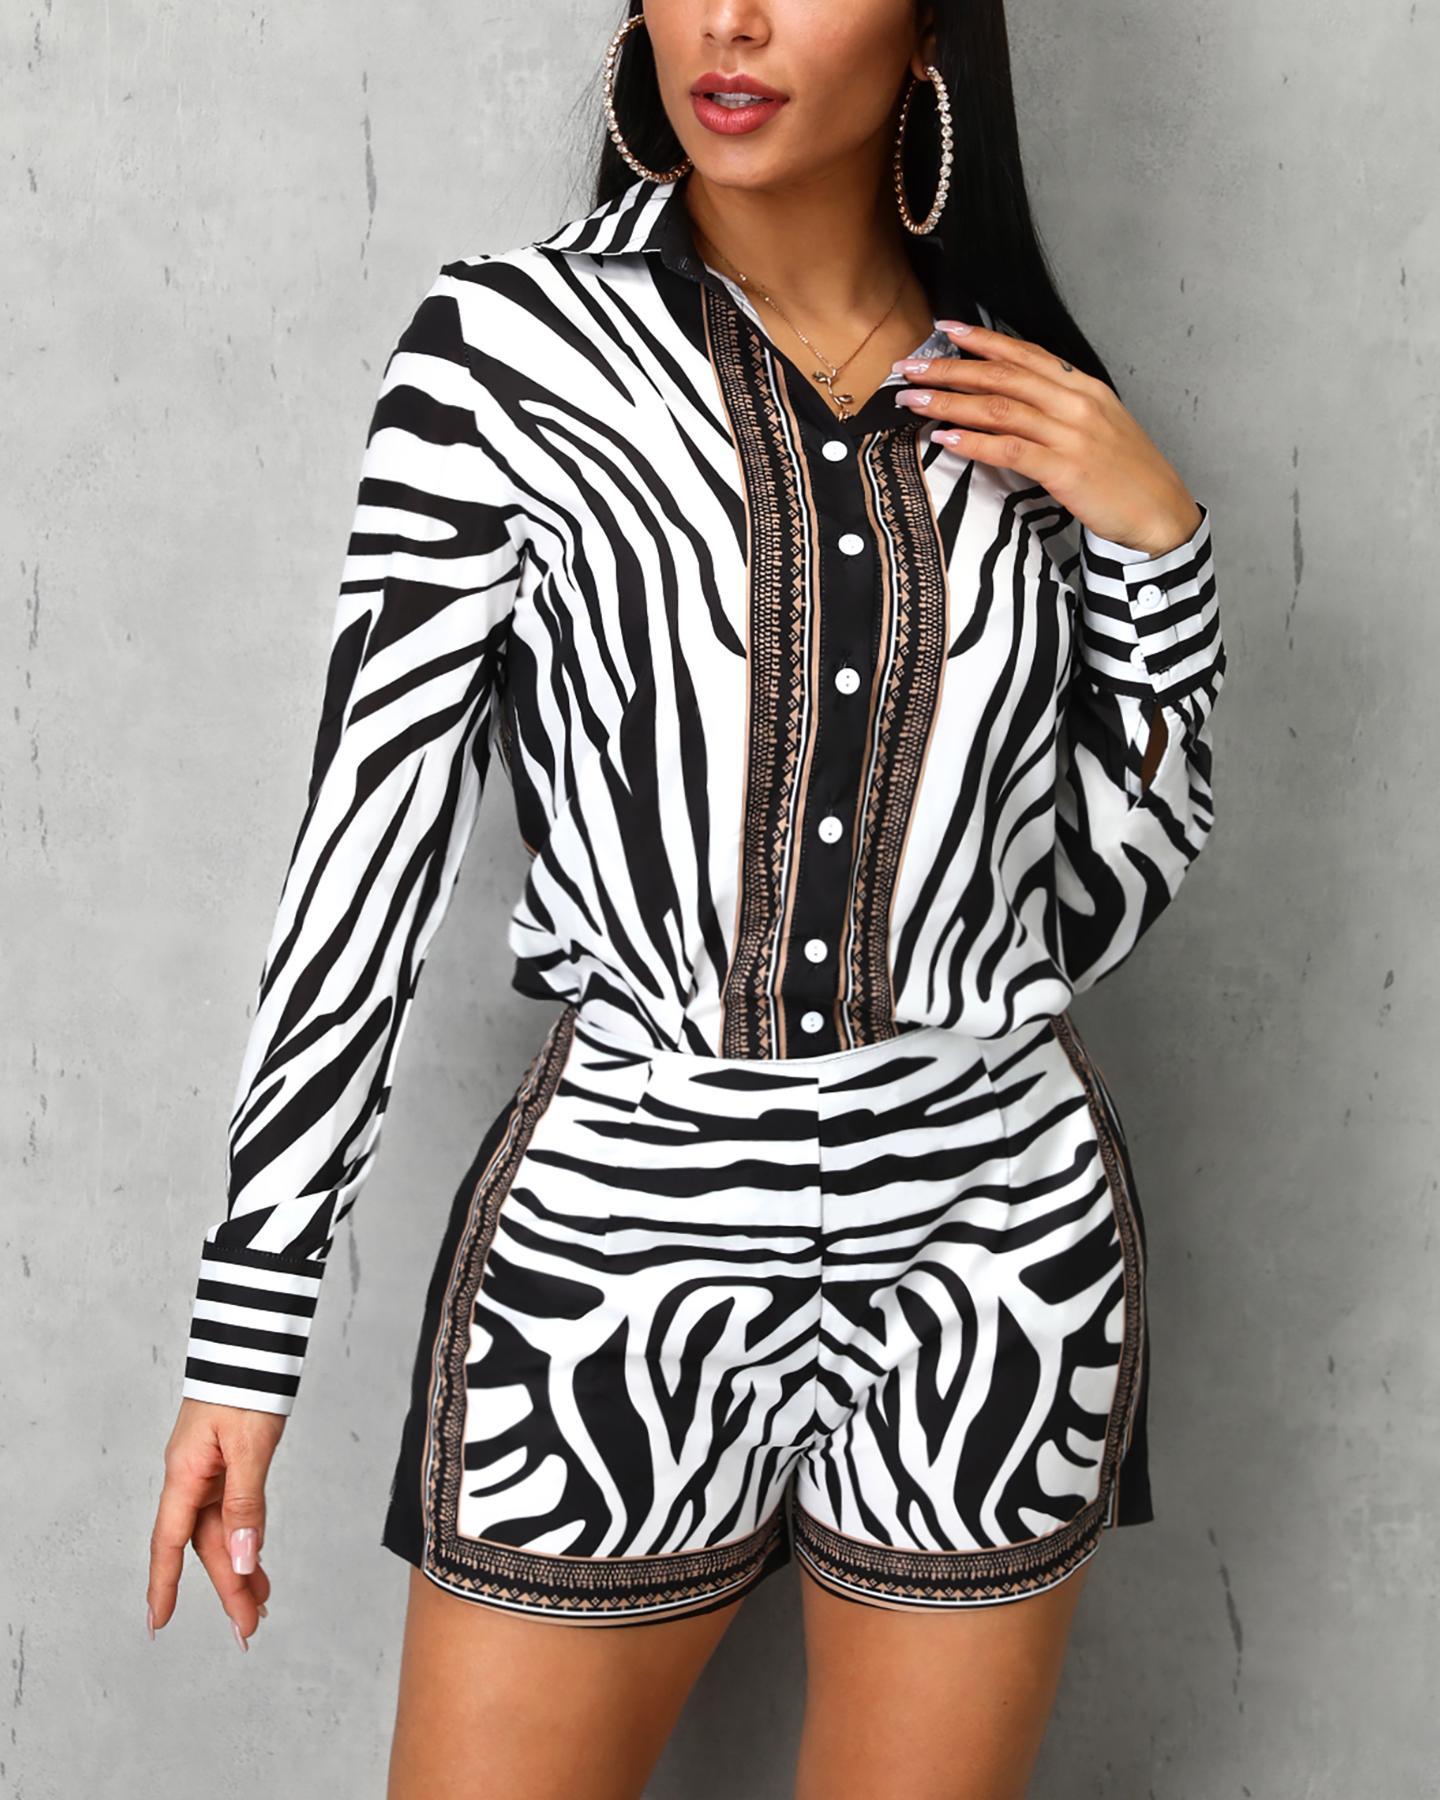 Zebra Print Buttoned Shirt & Zipper Short Sets фото